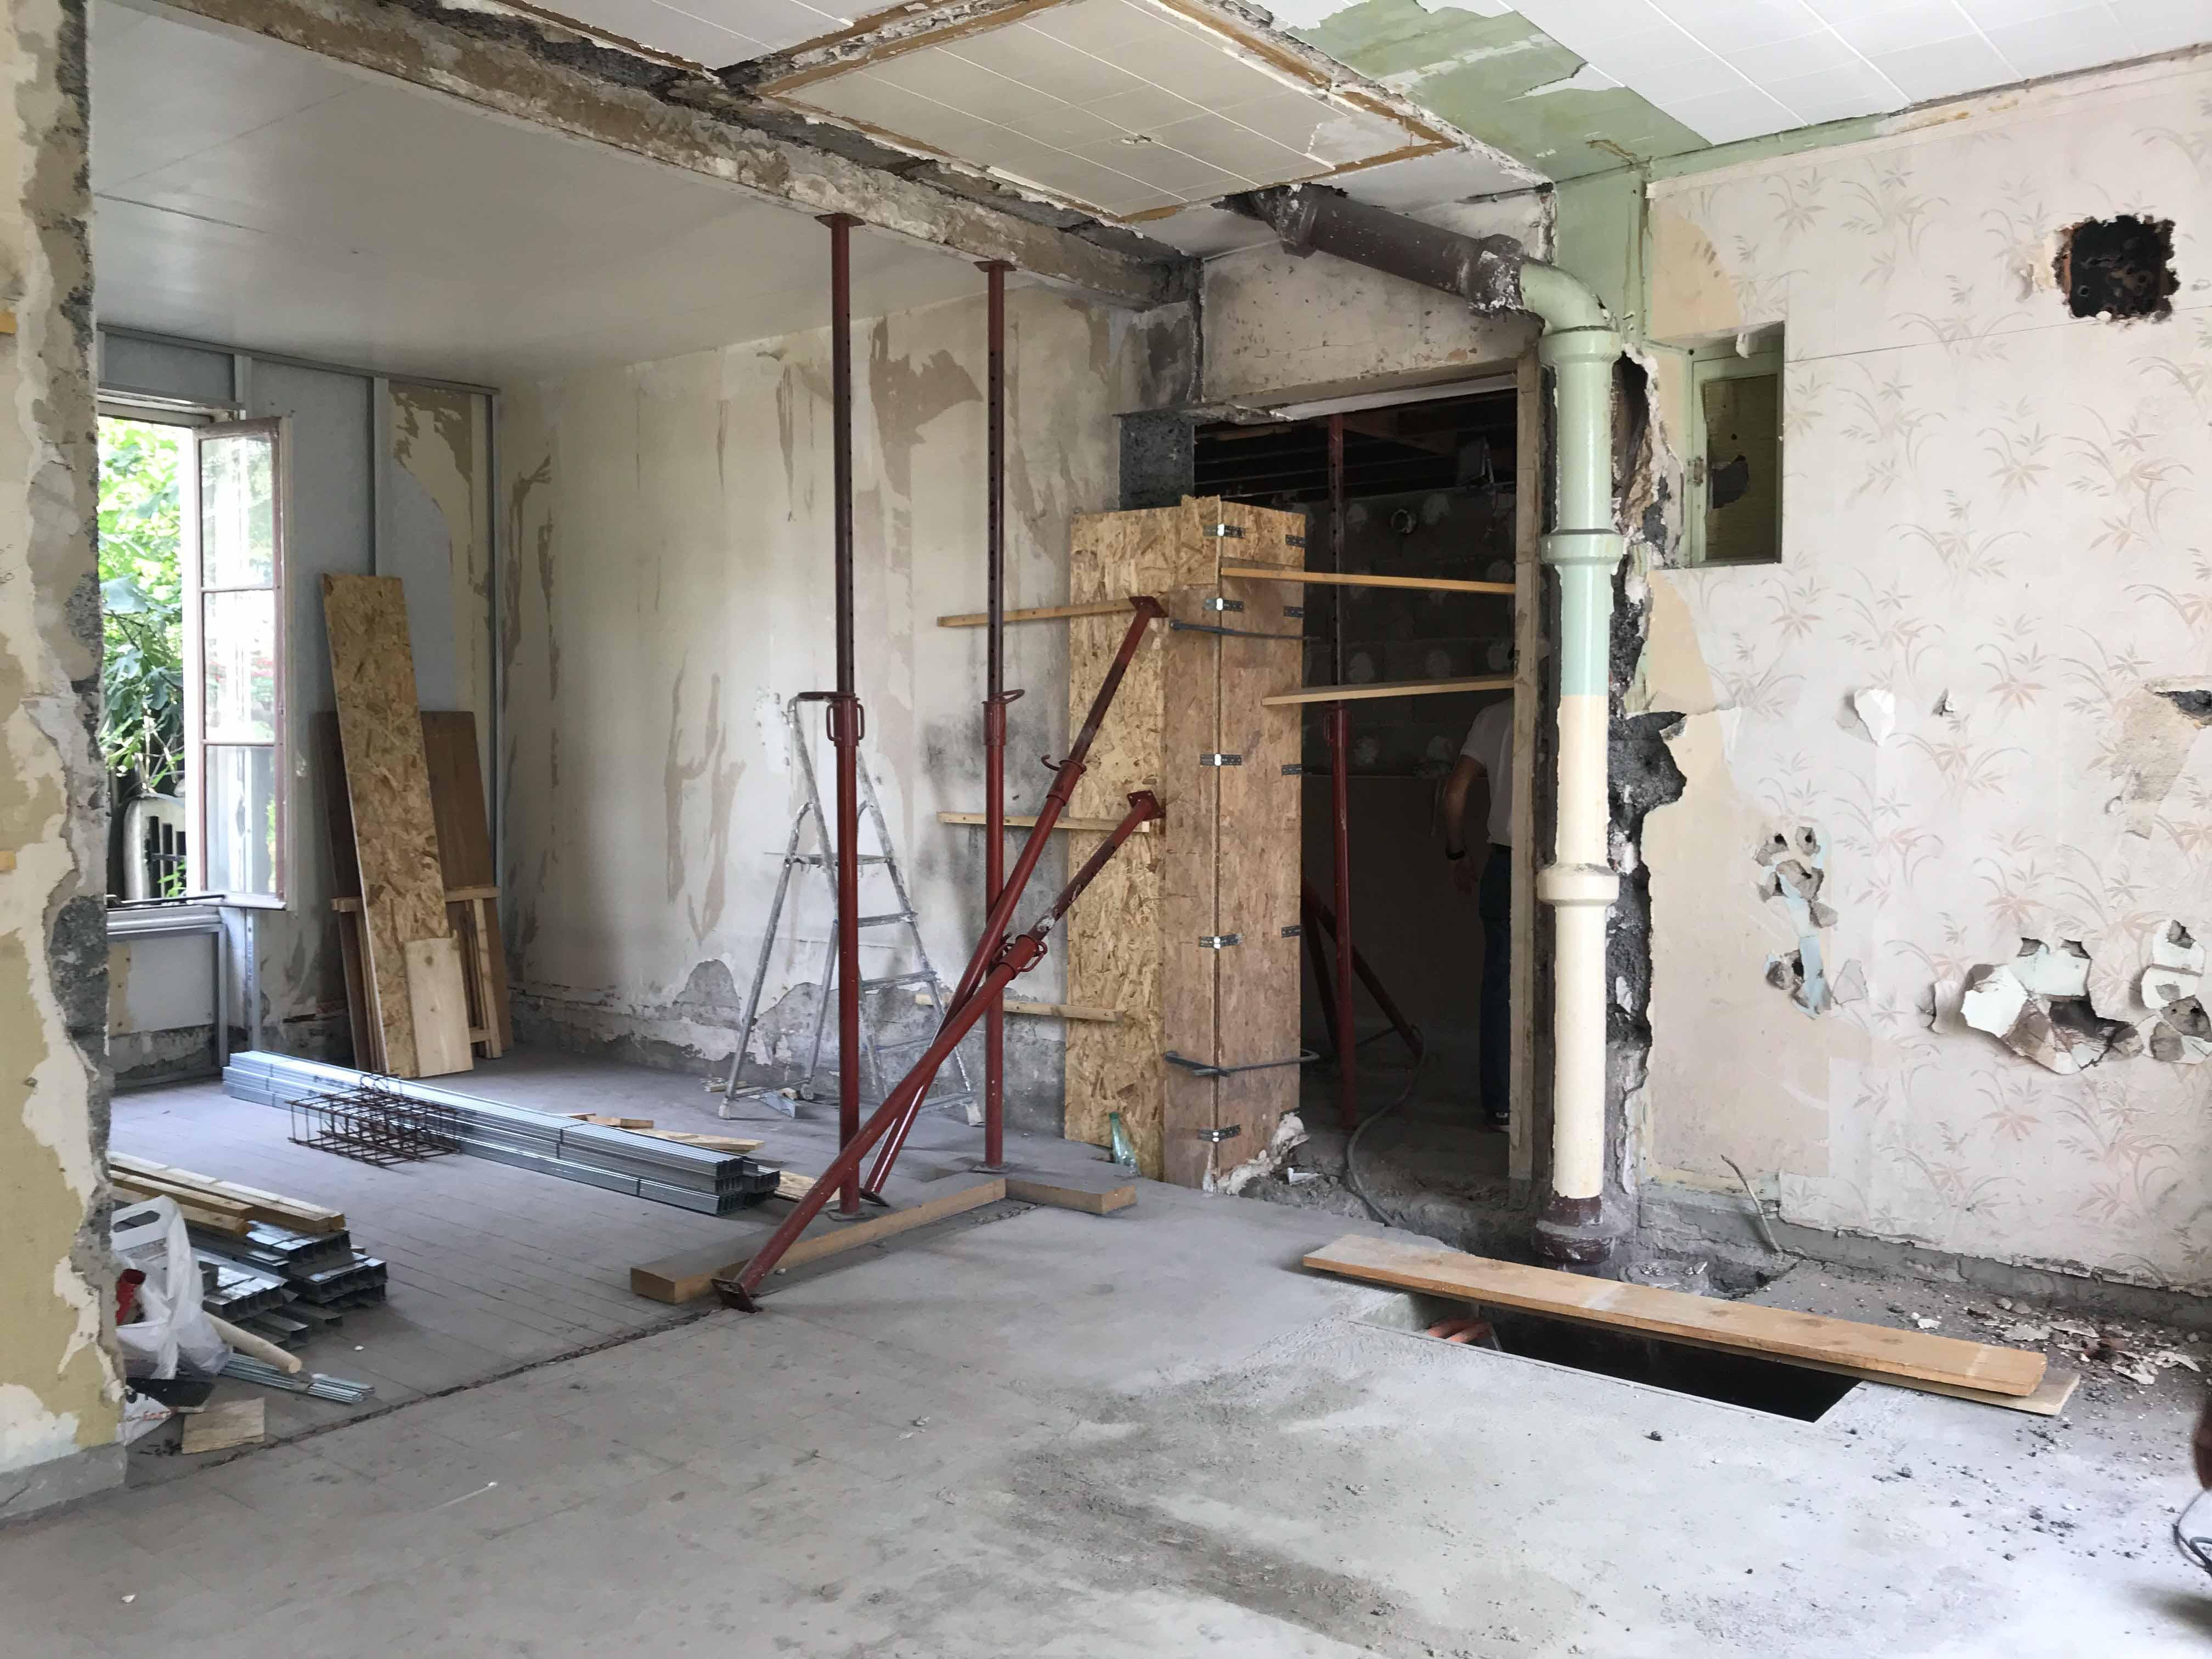 maitre-doeuvre-artisans-renovation-appartement-vaulx-en-velin-amenagement-interieur-6